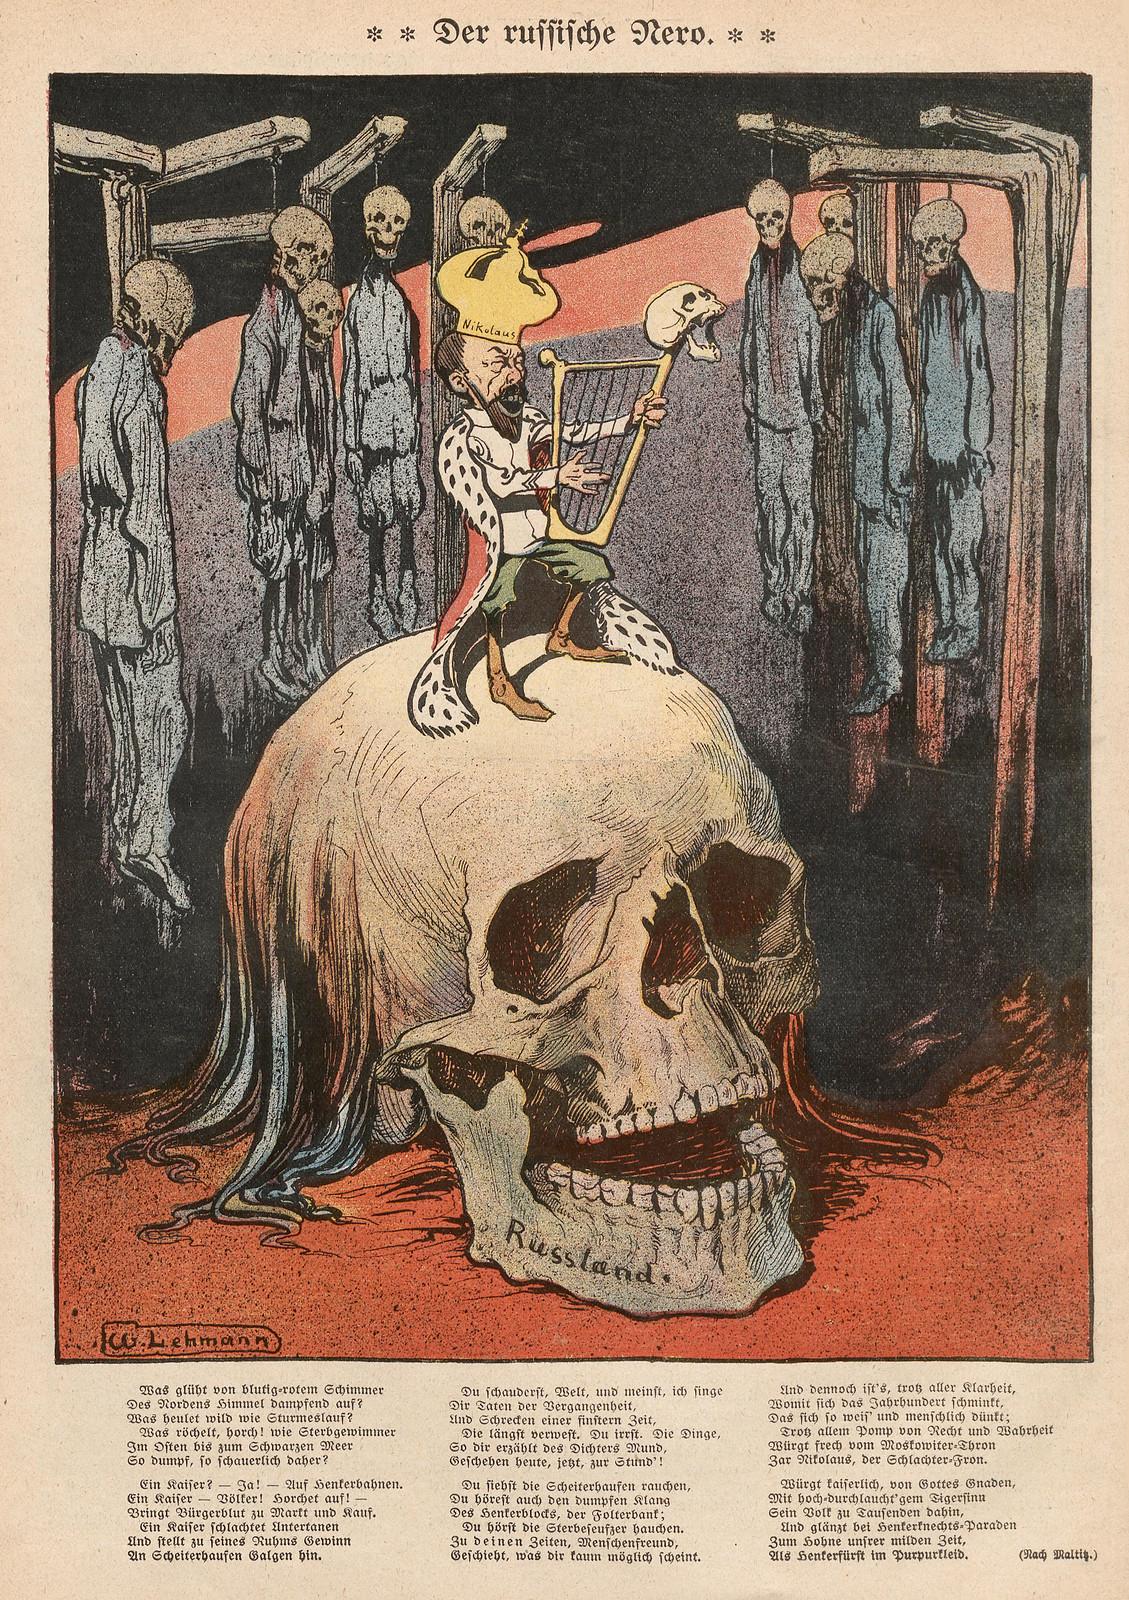 """Willy Lehmann-Schramm - Illustration of the text """"Der russische Nero"""" 1907"""